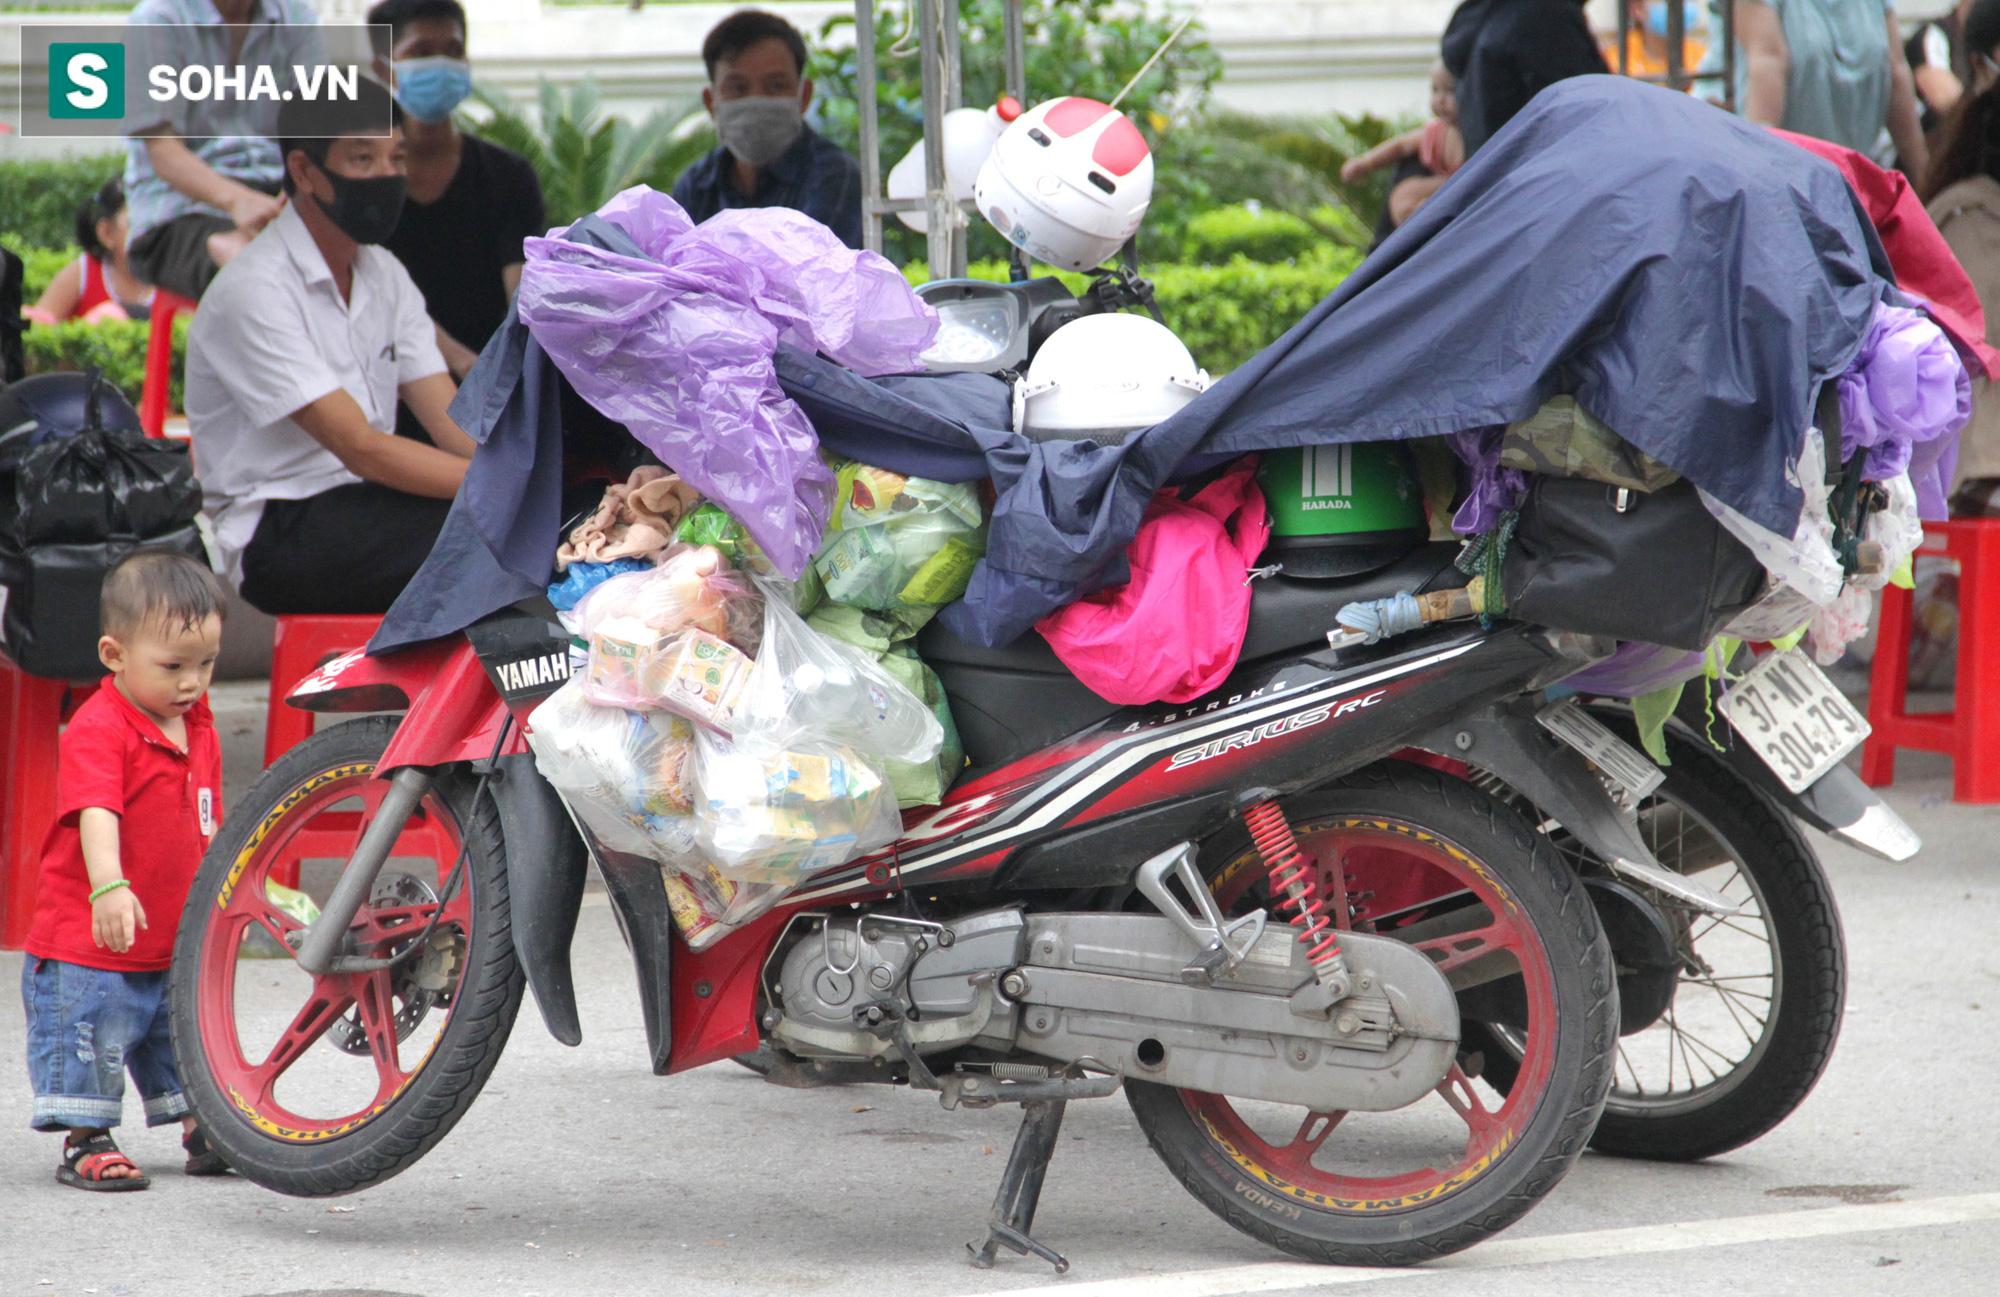 Từng phích nước, móc quần áo, bơm xe... đã cũ mèm được đùm theo hành trình 1.000km về quê: Giờ 1 nghìn đồng cũng quý - Ảnh 4.